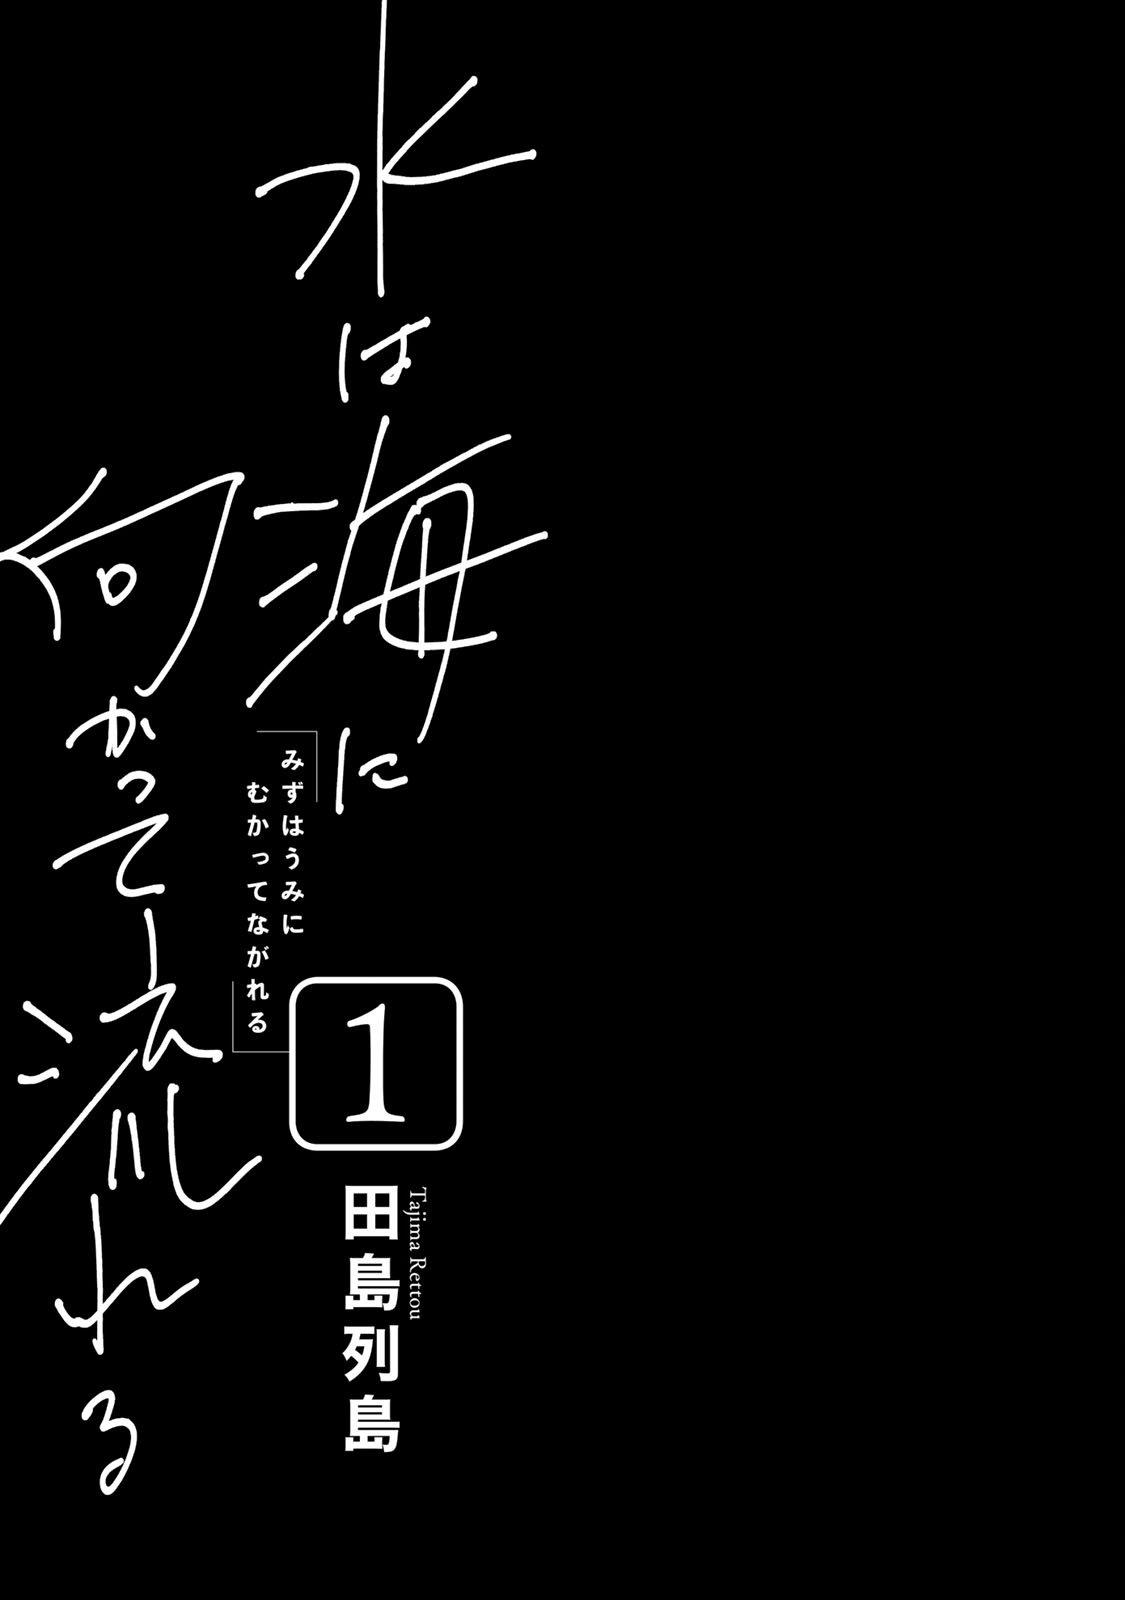 https://nine.mangadogs.com/es_manga/pic8/50/36658/946317/43447ae8b987984b453968fb9f938cde.jpg Page 3